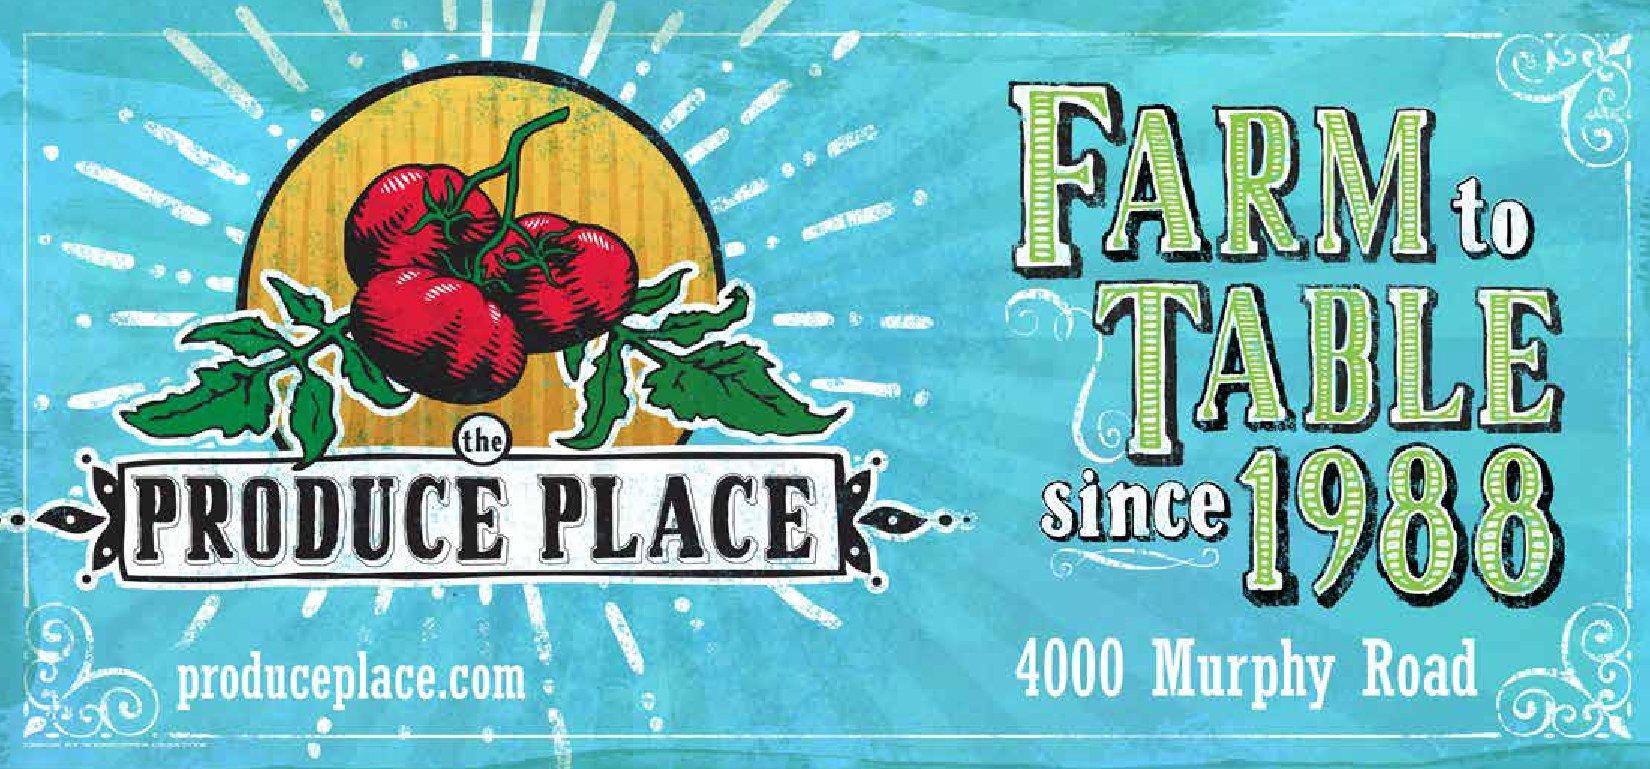 Produce_Place_Murphy_Rd_Billboard.jpg